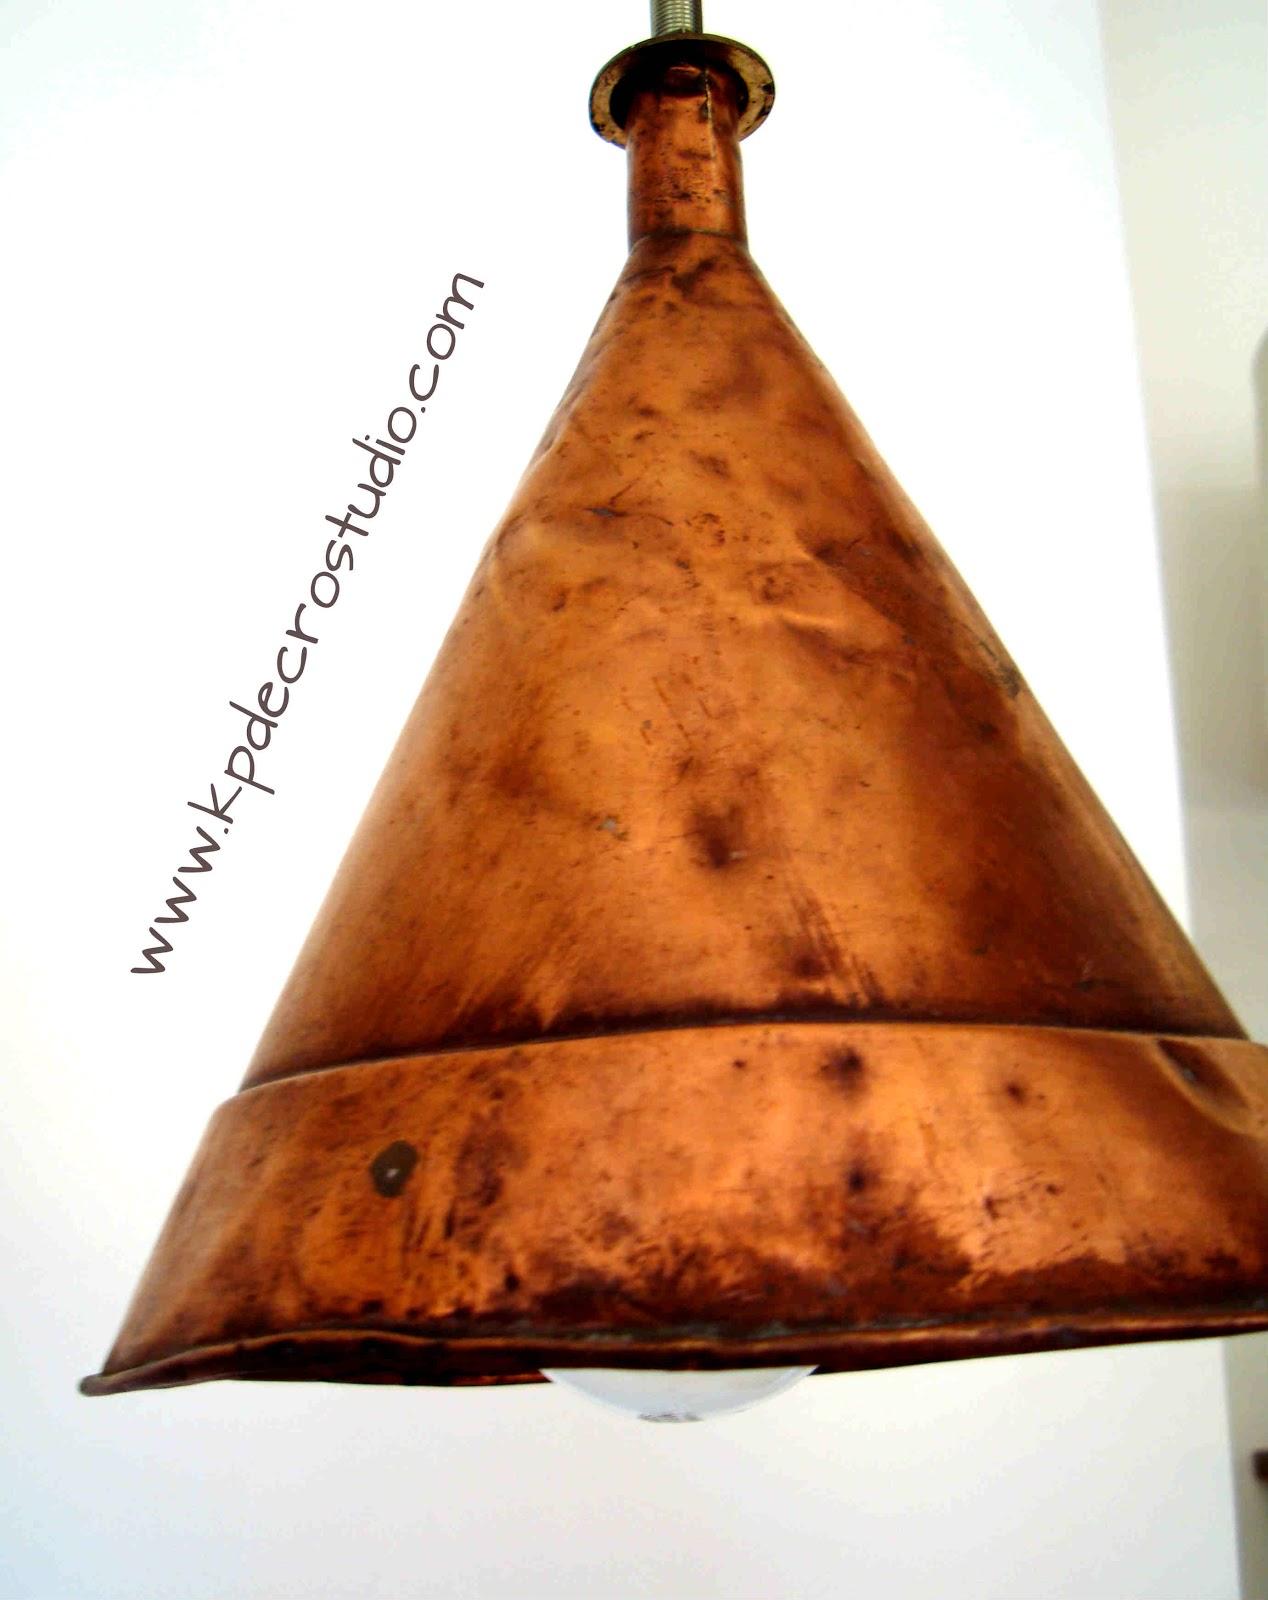 Kp tienda vintage online l mpara de fabricaci n artesanal - Segunda mano lamparas ...